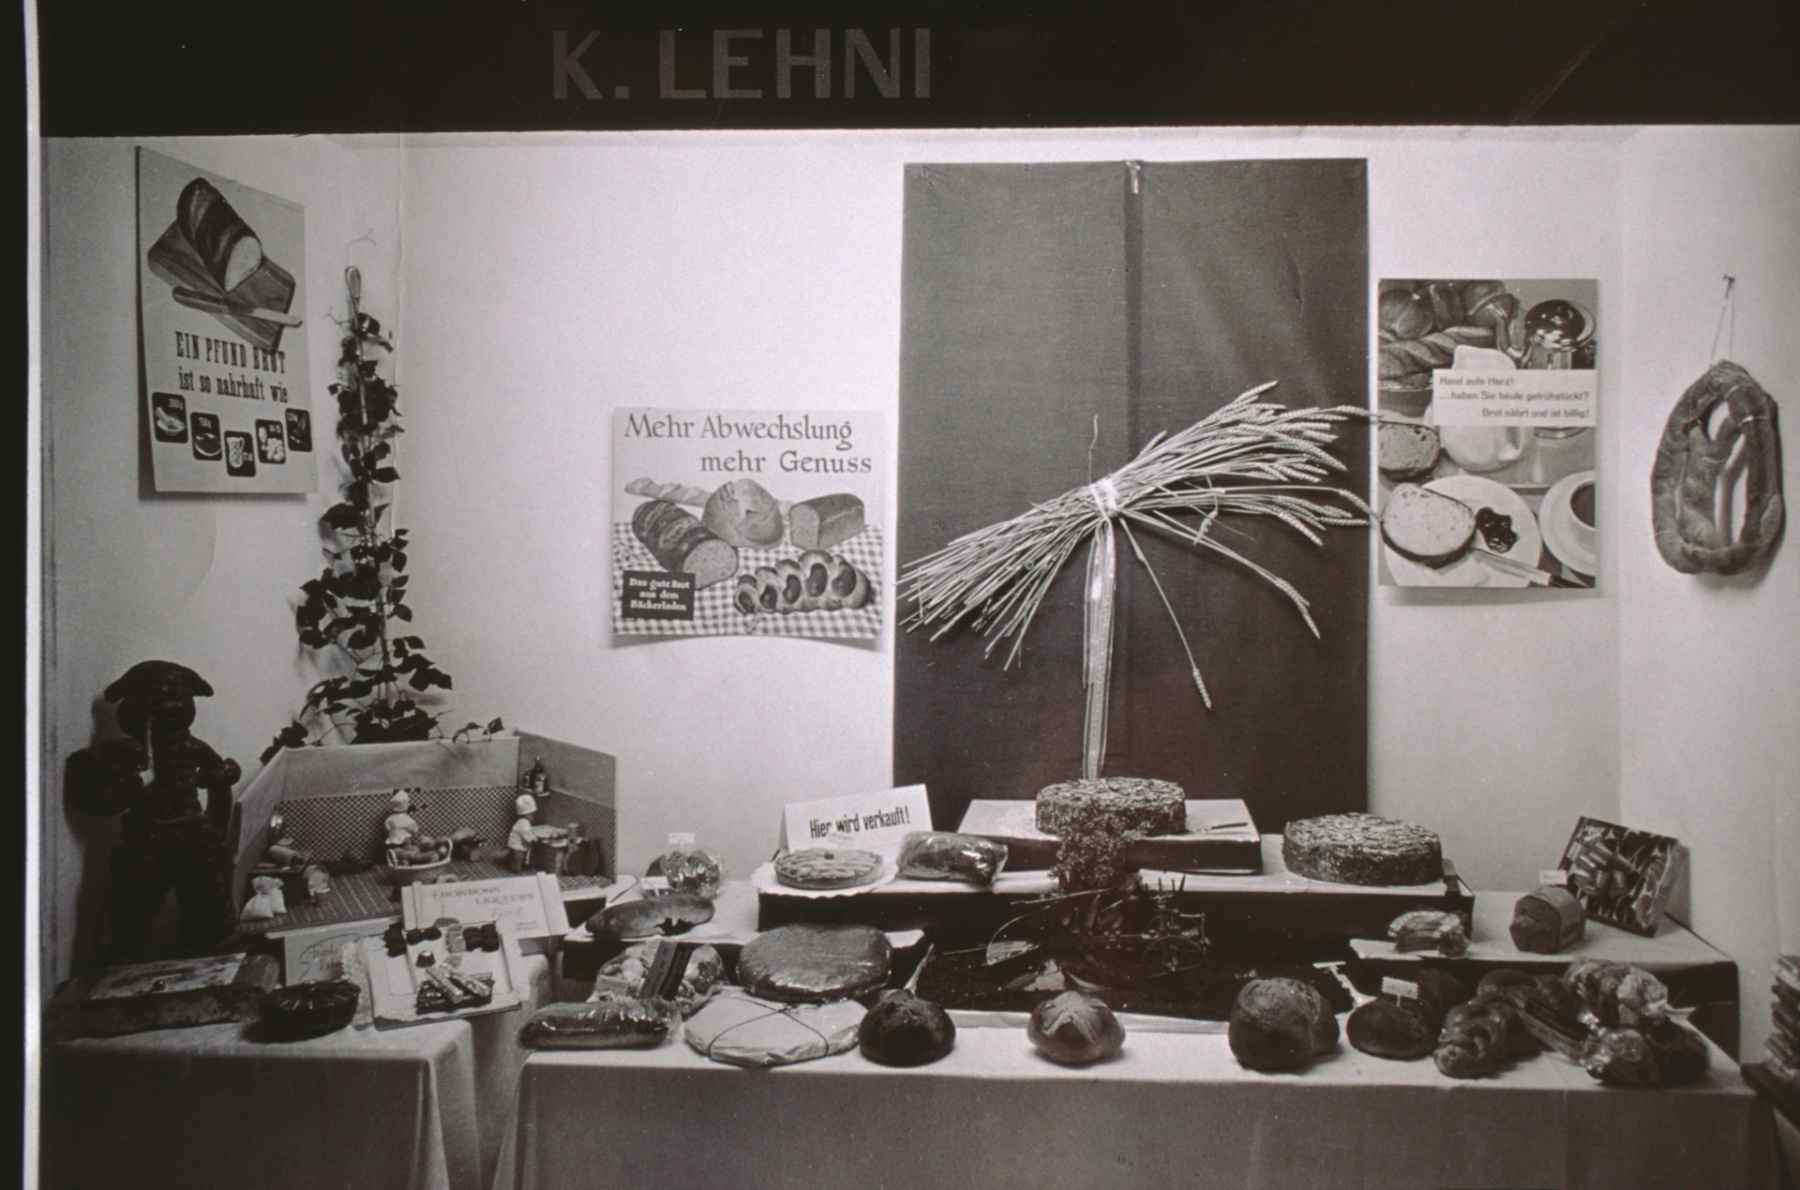 Gewerbeausstellung Bäckerei Lehni